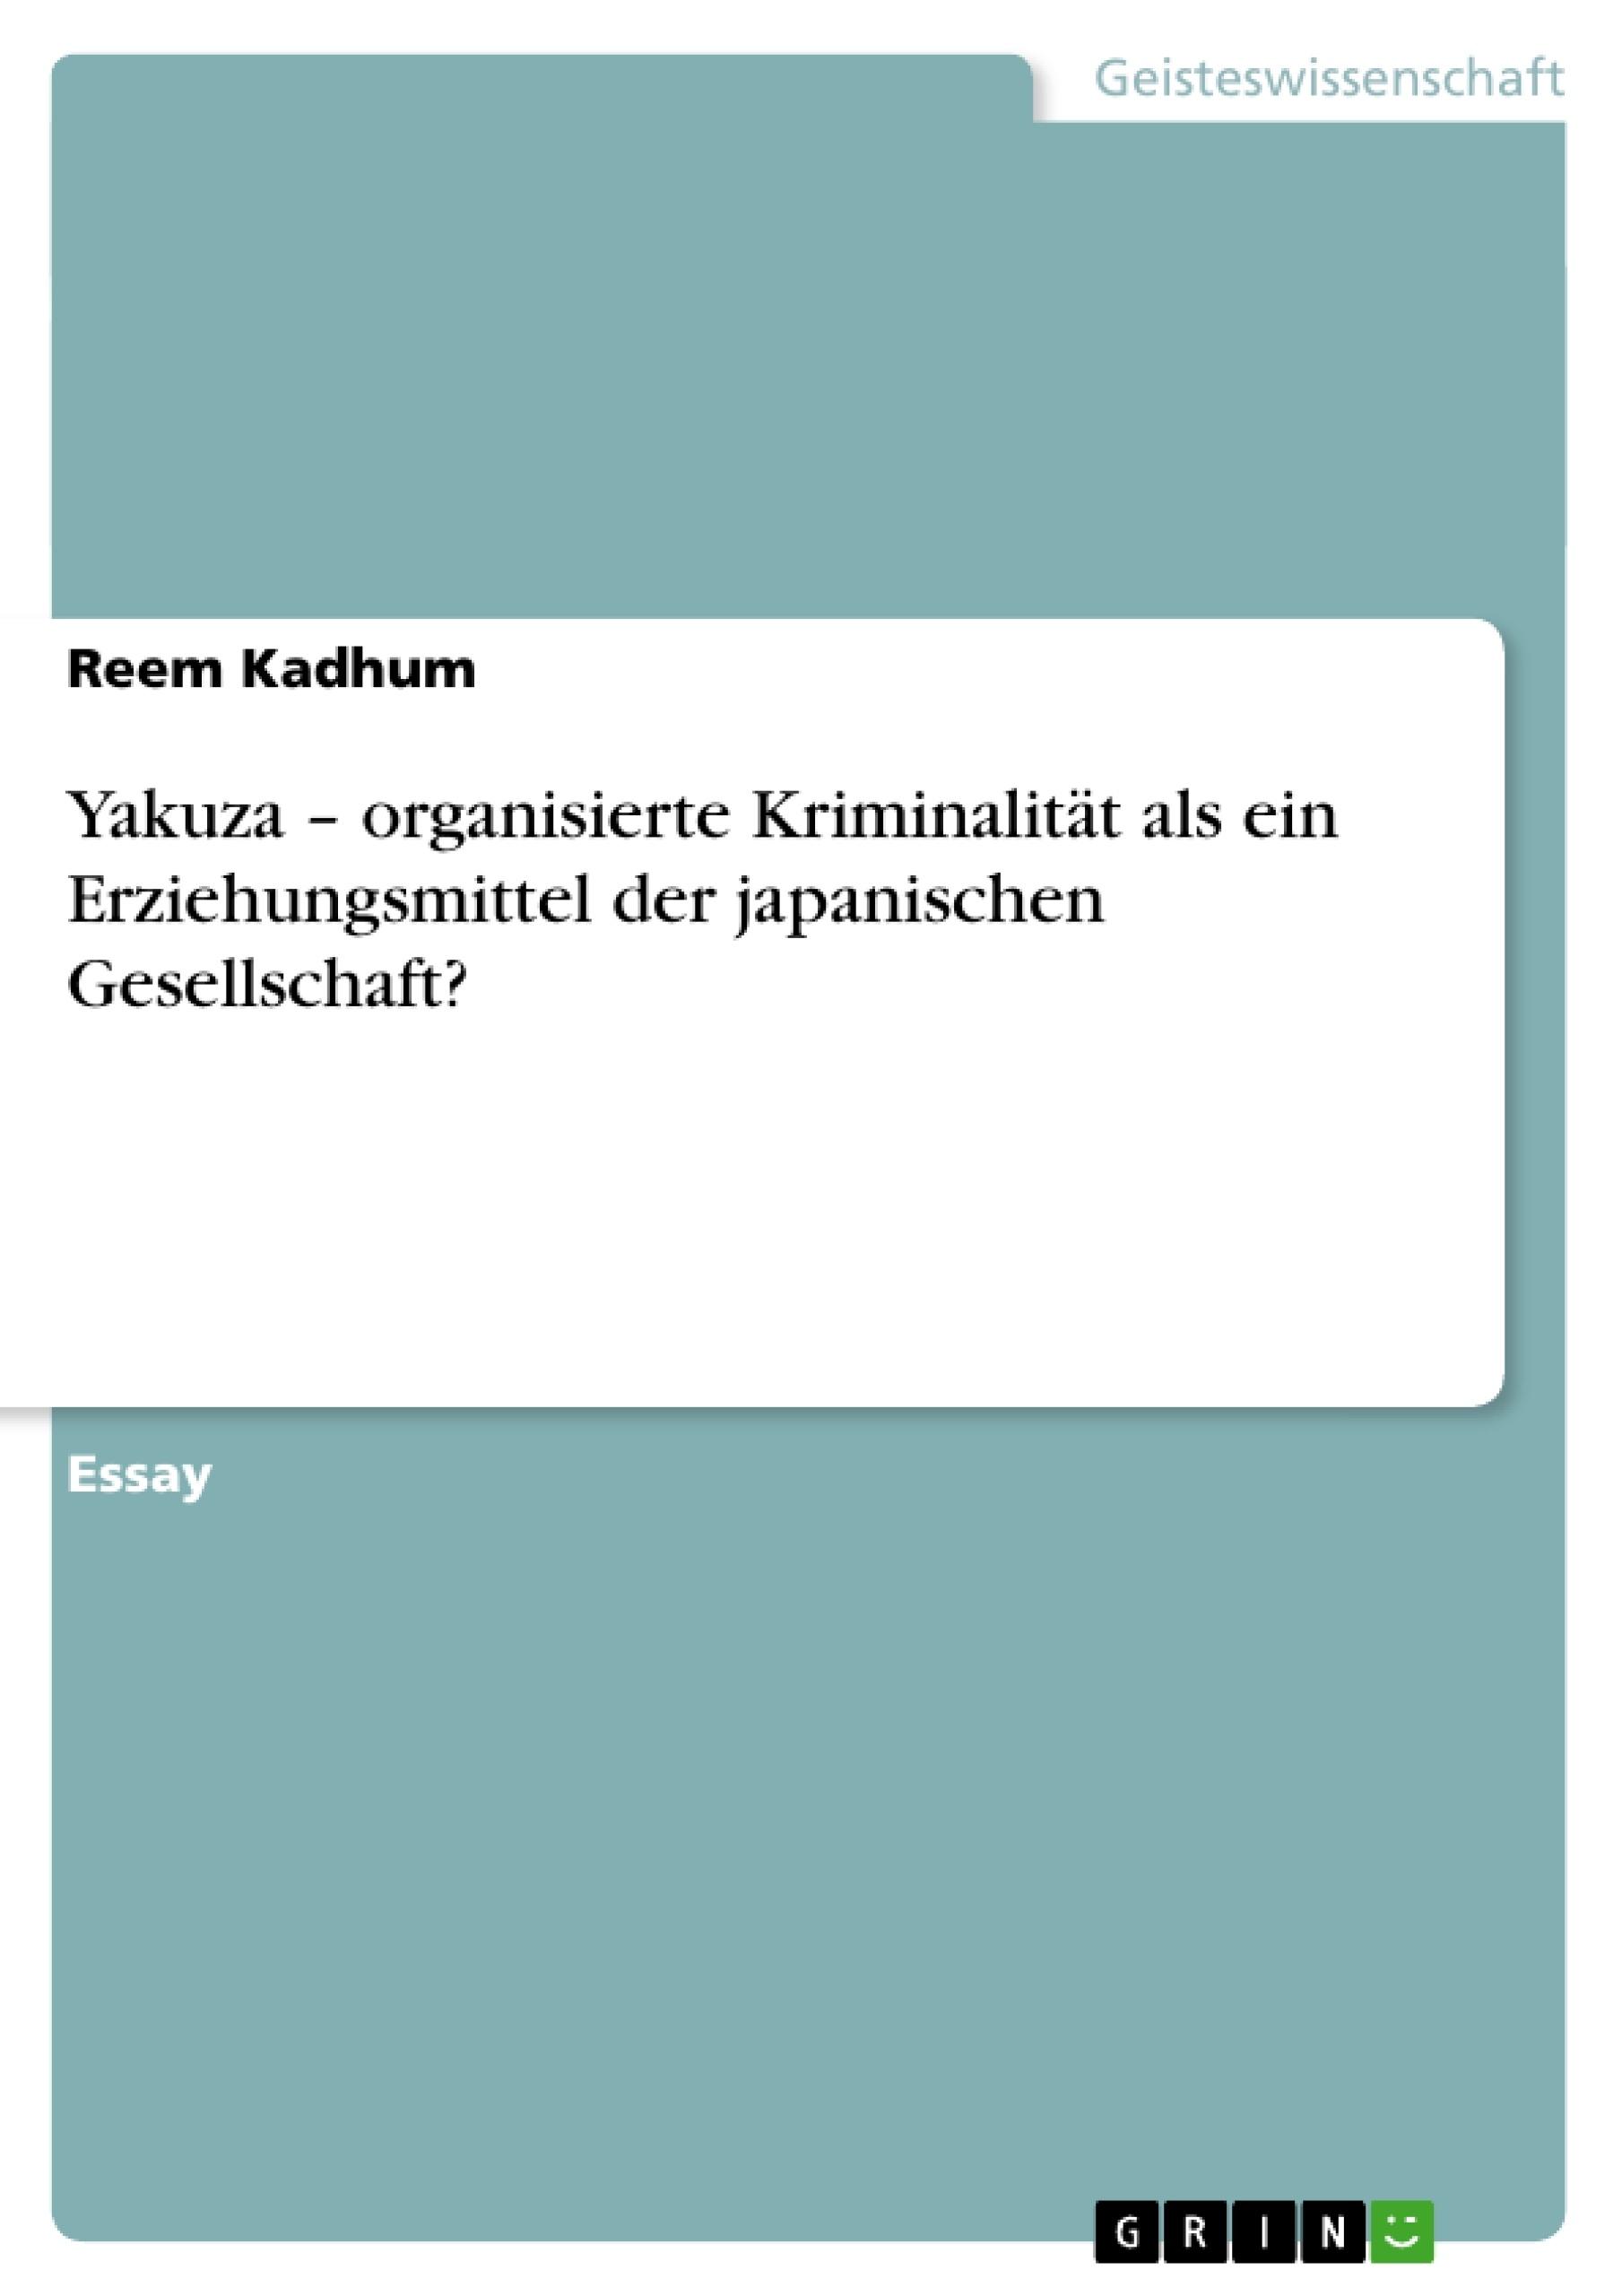 Titel: Yakuza – organisierte Kriminalität als ein Erziehungsmittel der japanischen Gesellschaft?